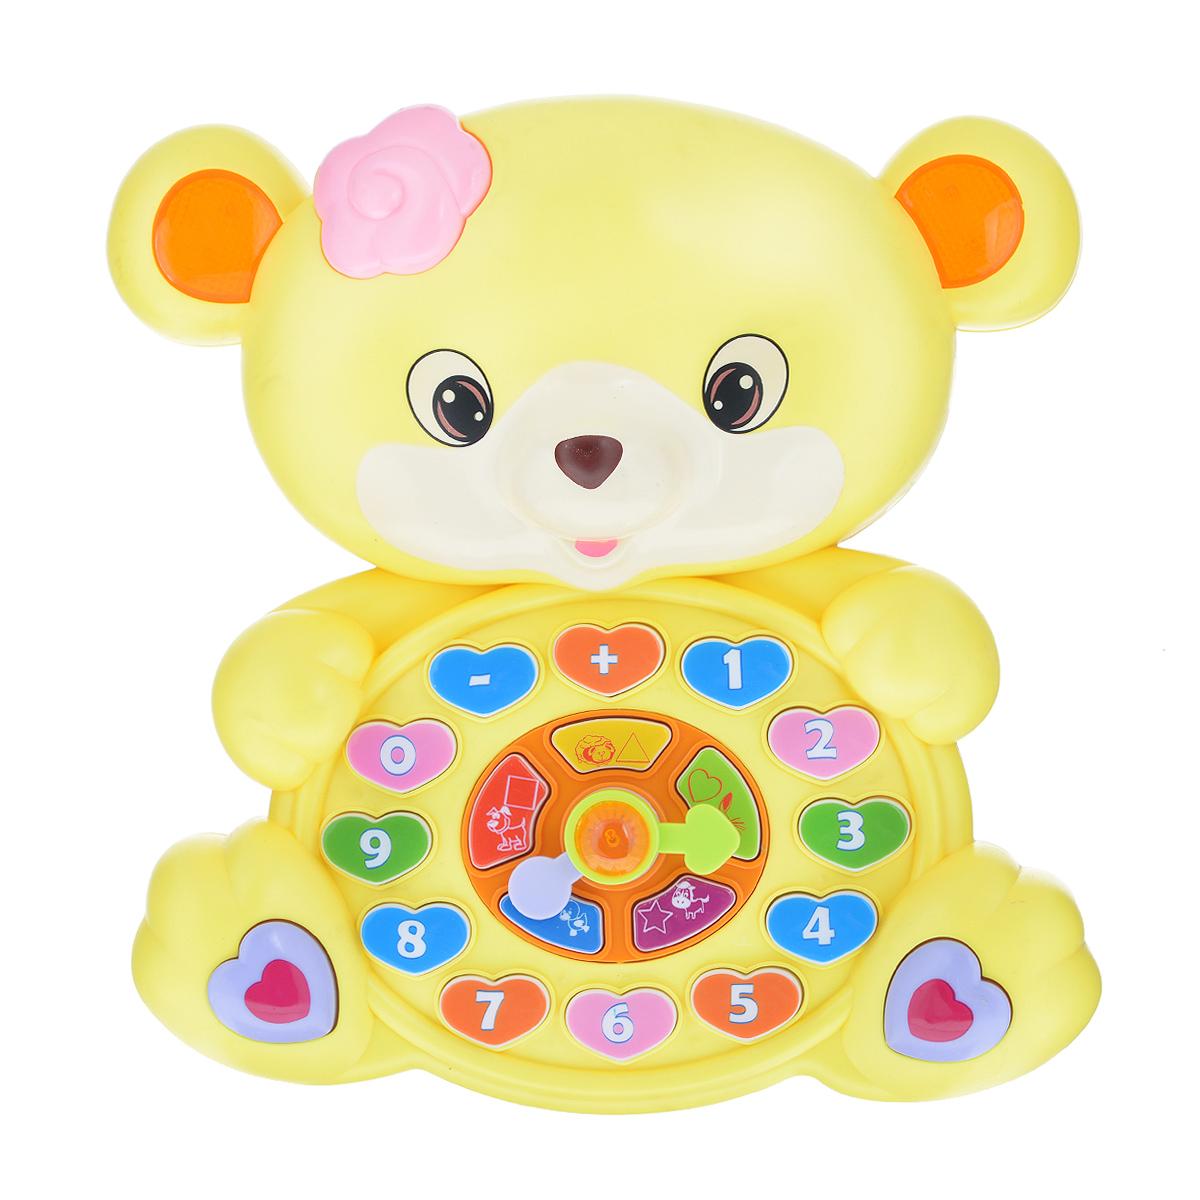 Tongde Развивающая игрушка Веселый мишуткаВ72298Развивающая игрушка Веселый мишутка станет отличным подарком для вашего любимого чада. Вместе с мишуткой малыш легко сможет выучить цифры от 1 до 9, цвета (зеленый, желтый, красный, фиолетовый, синий), геометрические фигуры (звезда, сердце, квадрат, круг, треугольник и проверить свои знание), названия животных, а так же послушать забавные мелодии. Необходимо докупить 3 батарейки напряжением 1,5V типа АА (не входят в комплект).